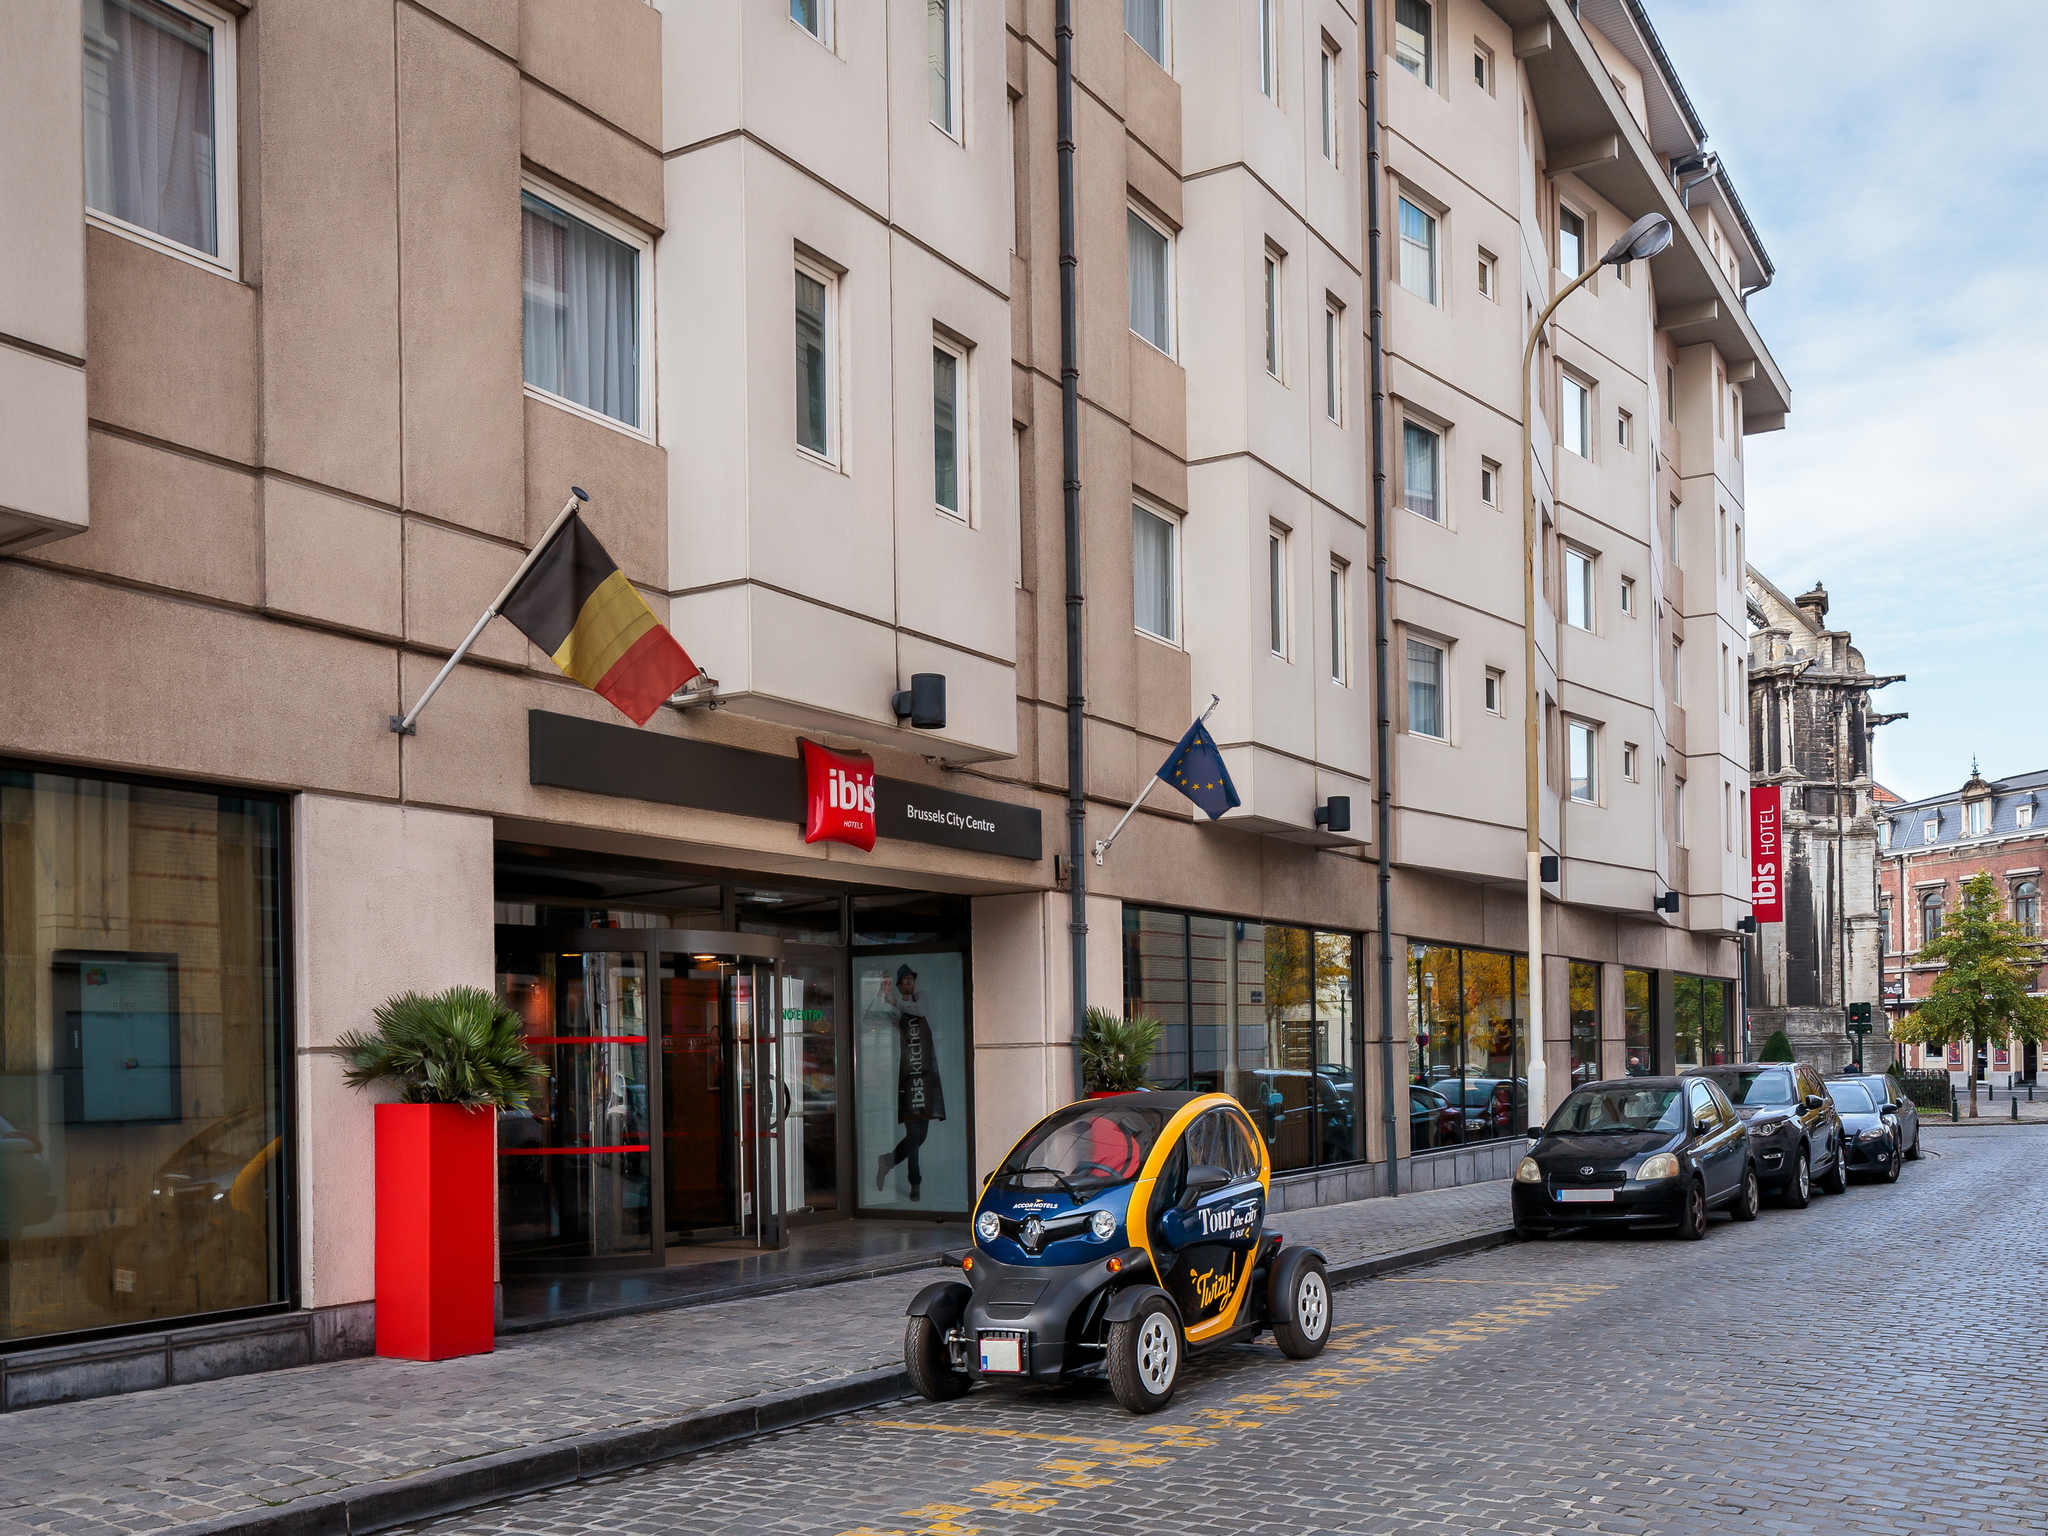 فندق - فندق إيبيس ibis بروكسل سيتي سنتر